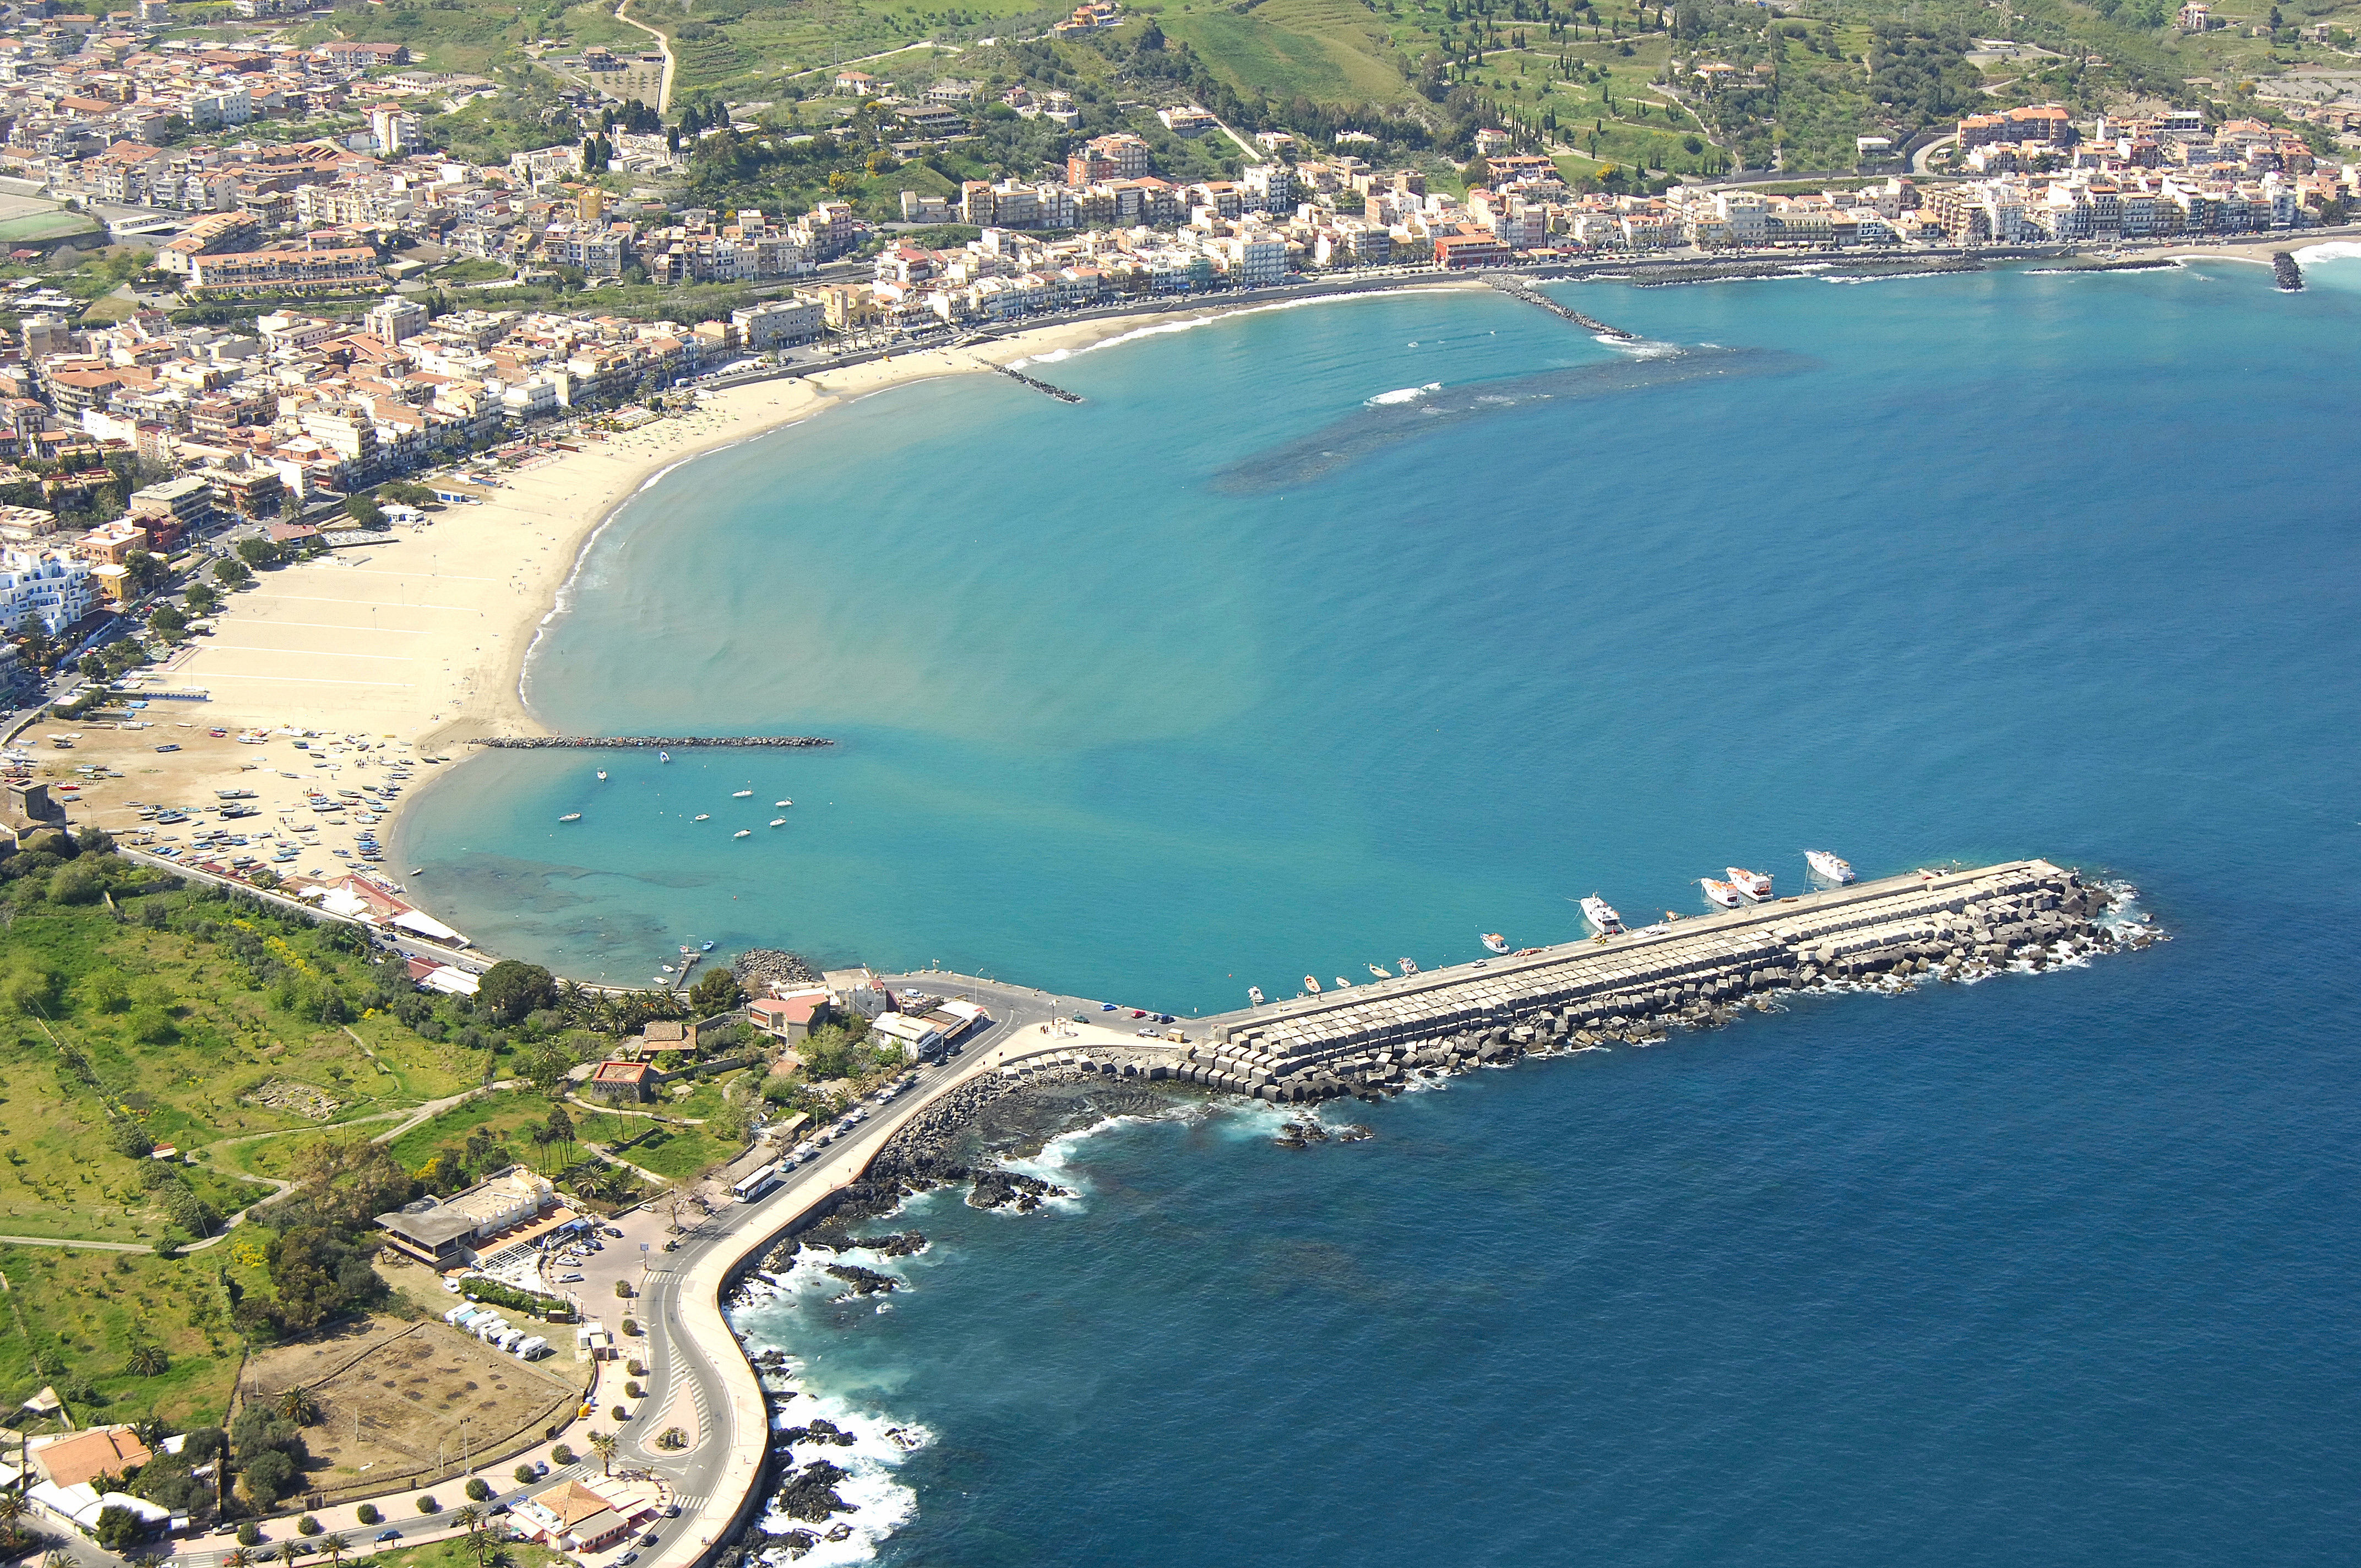 Cele mai bune 10 hoteluri la plajă din Giardini Naxos, Italia | sanchi.ro